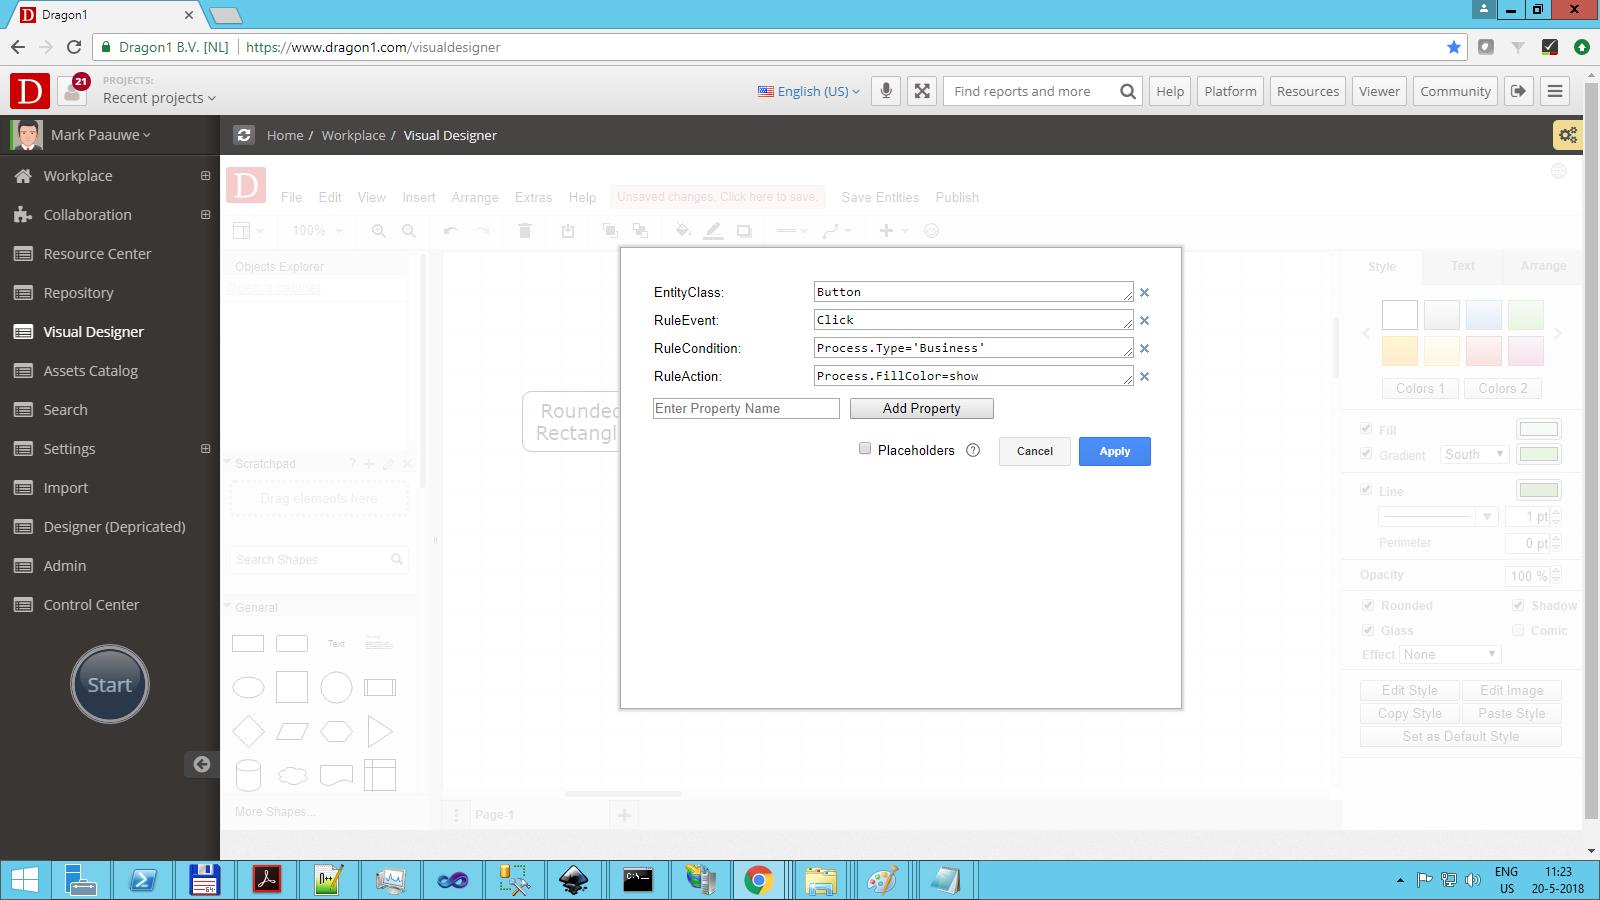 dragon1 configure button click